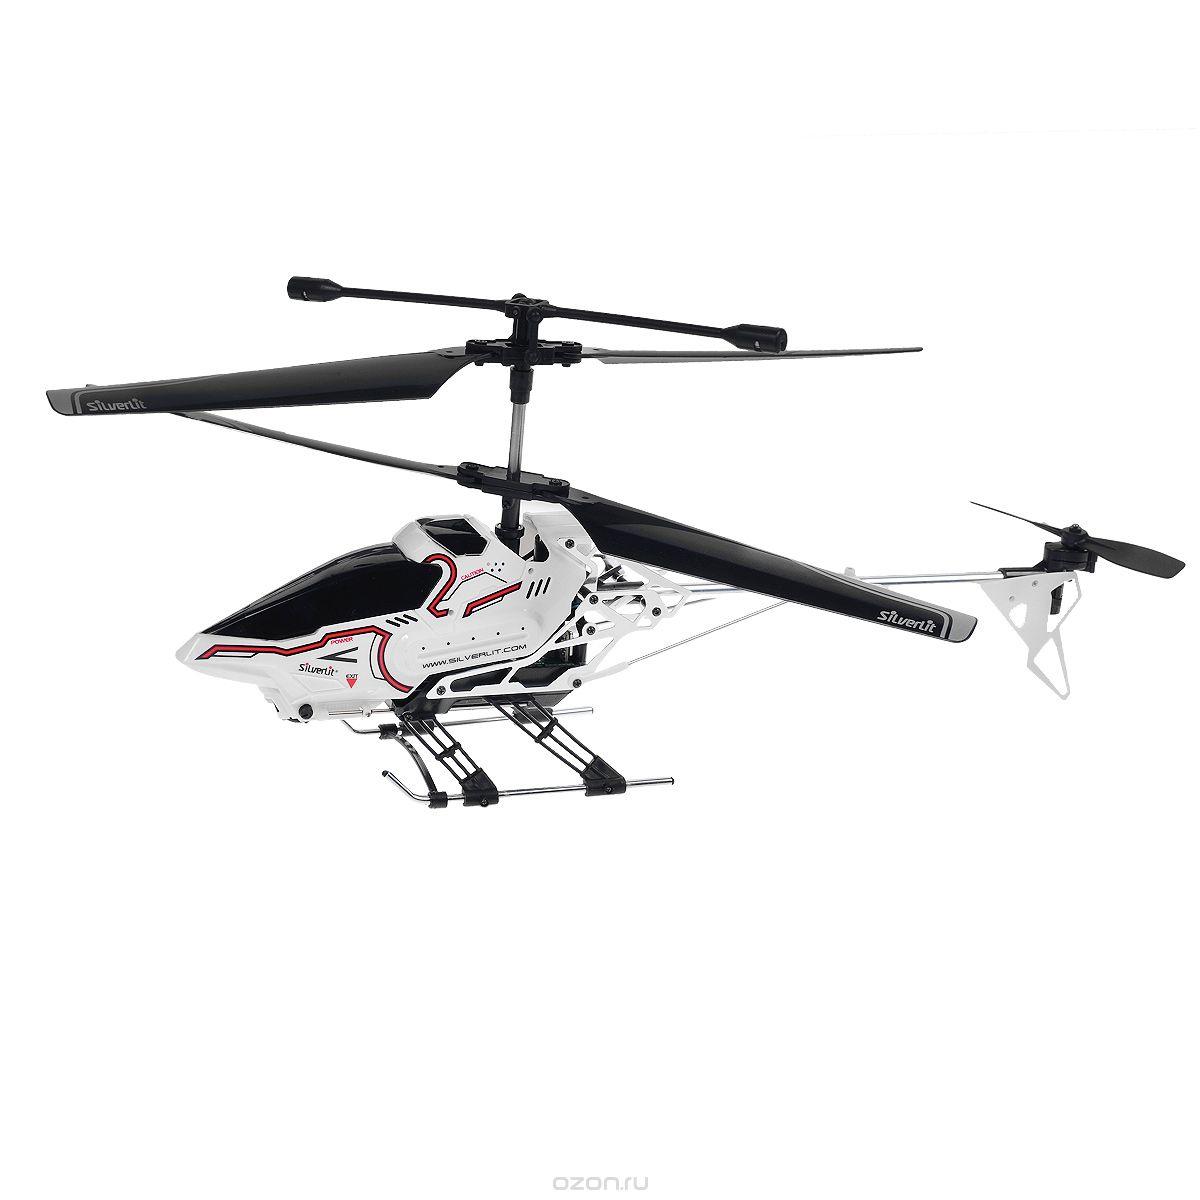 Silverlit Вертолет на радиоуправлении Sky Eye84602Радиоуправляемая модель Silverlit Вертолет Sky Eye со световыми эффектами привлечет внимание не только ребенка, но и взрослого, и станет отличным подарком любителю воздушной техники. Вертолет оснащен уникальной системой винта, позволяющей вертолету плавно подниматься, а также встроенным гироскопом, который поможет скорректировать и устранить нежелательные вращения корпуса вертолета, благодаря чему сохранится высокая устойчивость полета. Каркас вертолета выполнен из пластика с использованием металла. Вертолет имеет трехканальное дистанционное управление, с помощью пульта управления можно менять скорость полета, а также проделывать фигуры высшего пилотажа, в том числе зависание в воздухе. Вертолет оснащен видеокамерой, которая передает изображение непосредственно на пульт управления, что позволит вам еще больше насладиться полетом! Есть разъем под microSD-карту. Модель идеально подходит для игры как внутри помещения, так и на улице. В комплект входит радиоуправляемый...